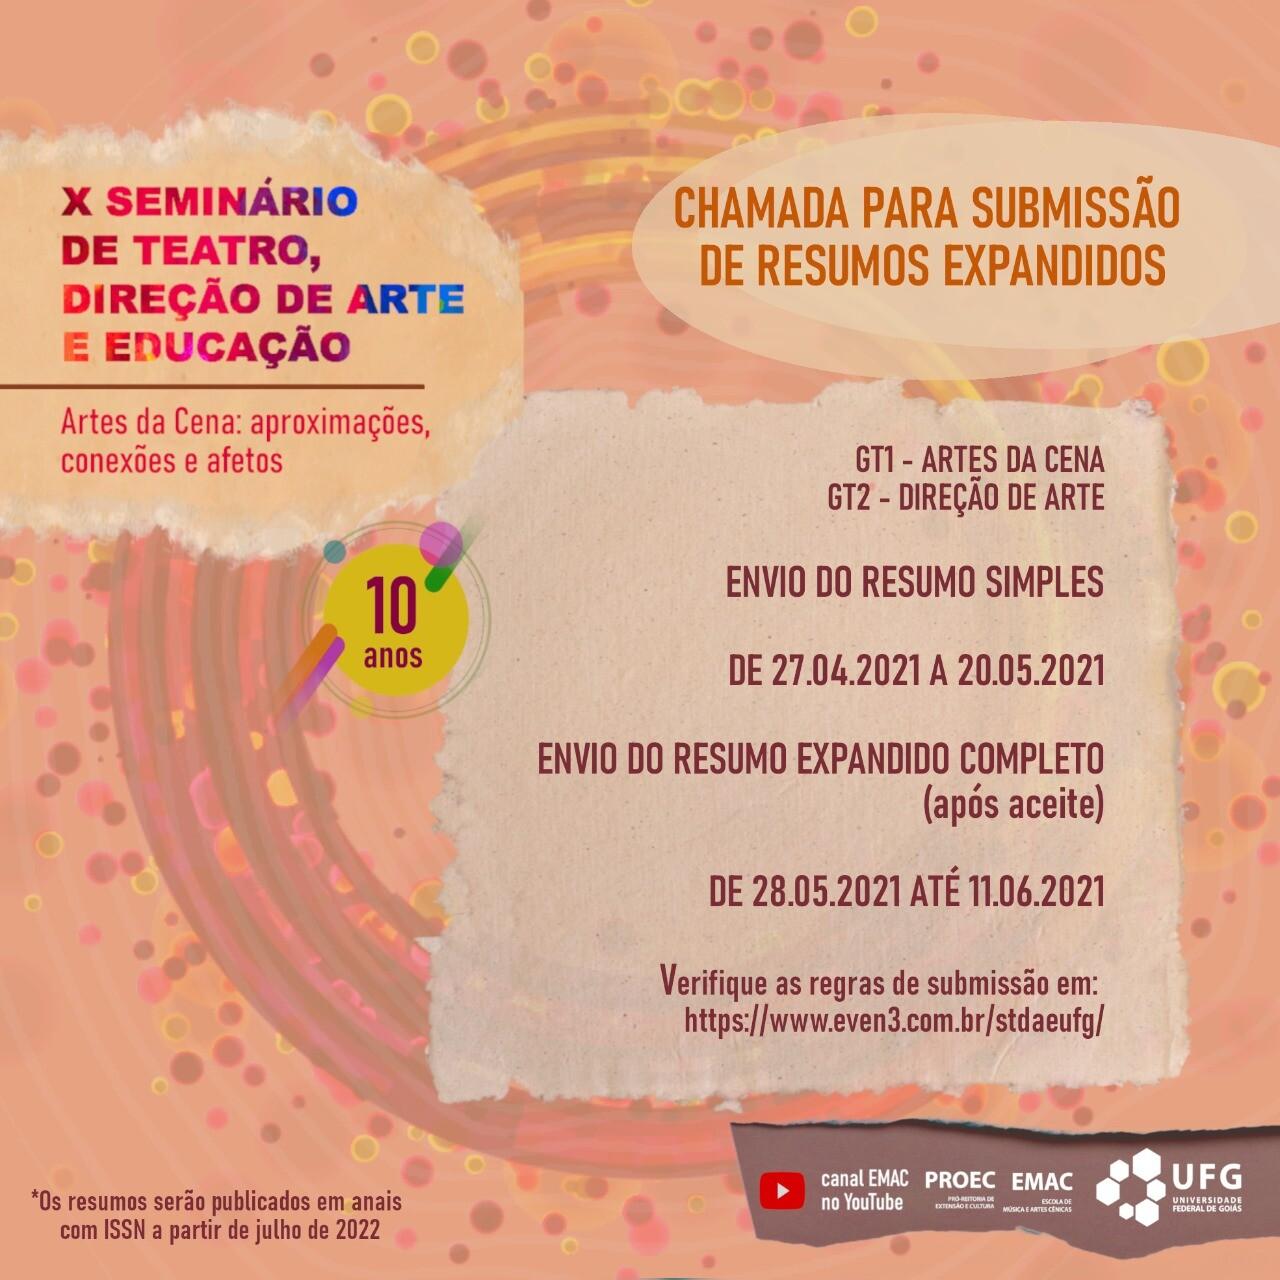 X Seminário de Teatro, Direção de Arte e Educação (2-1)